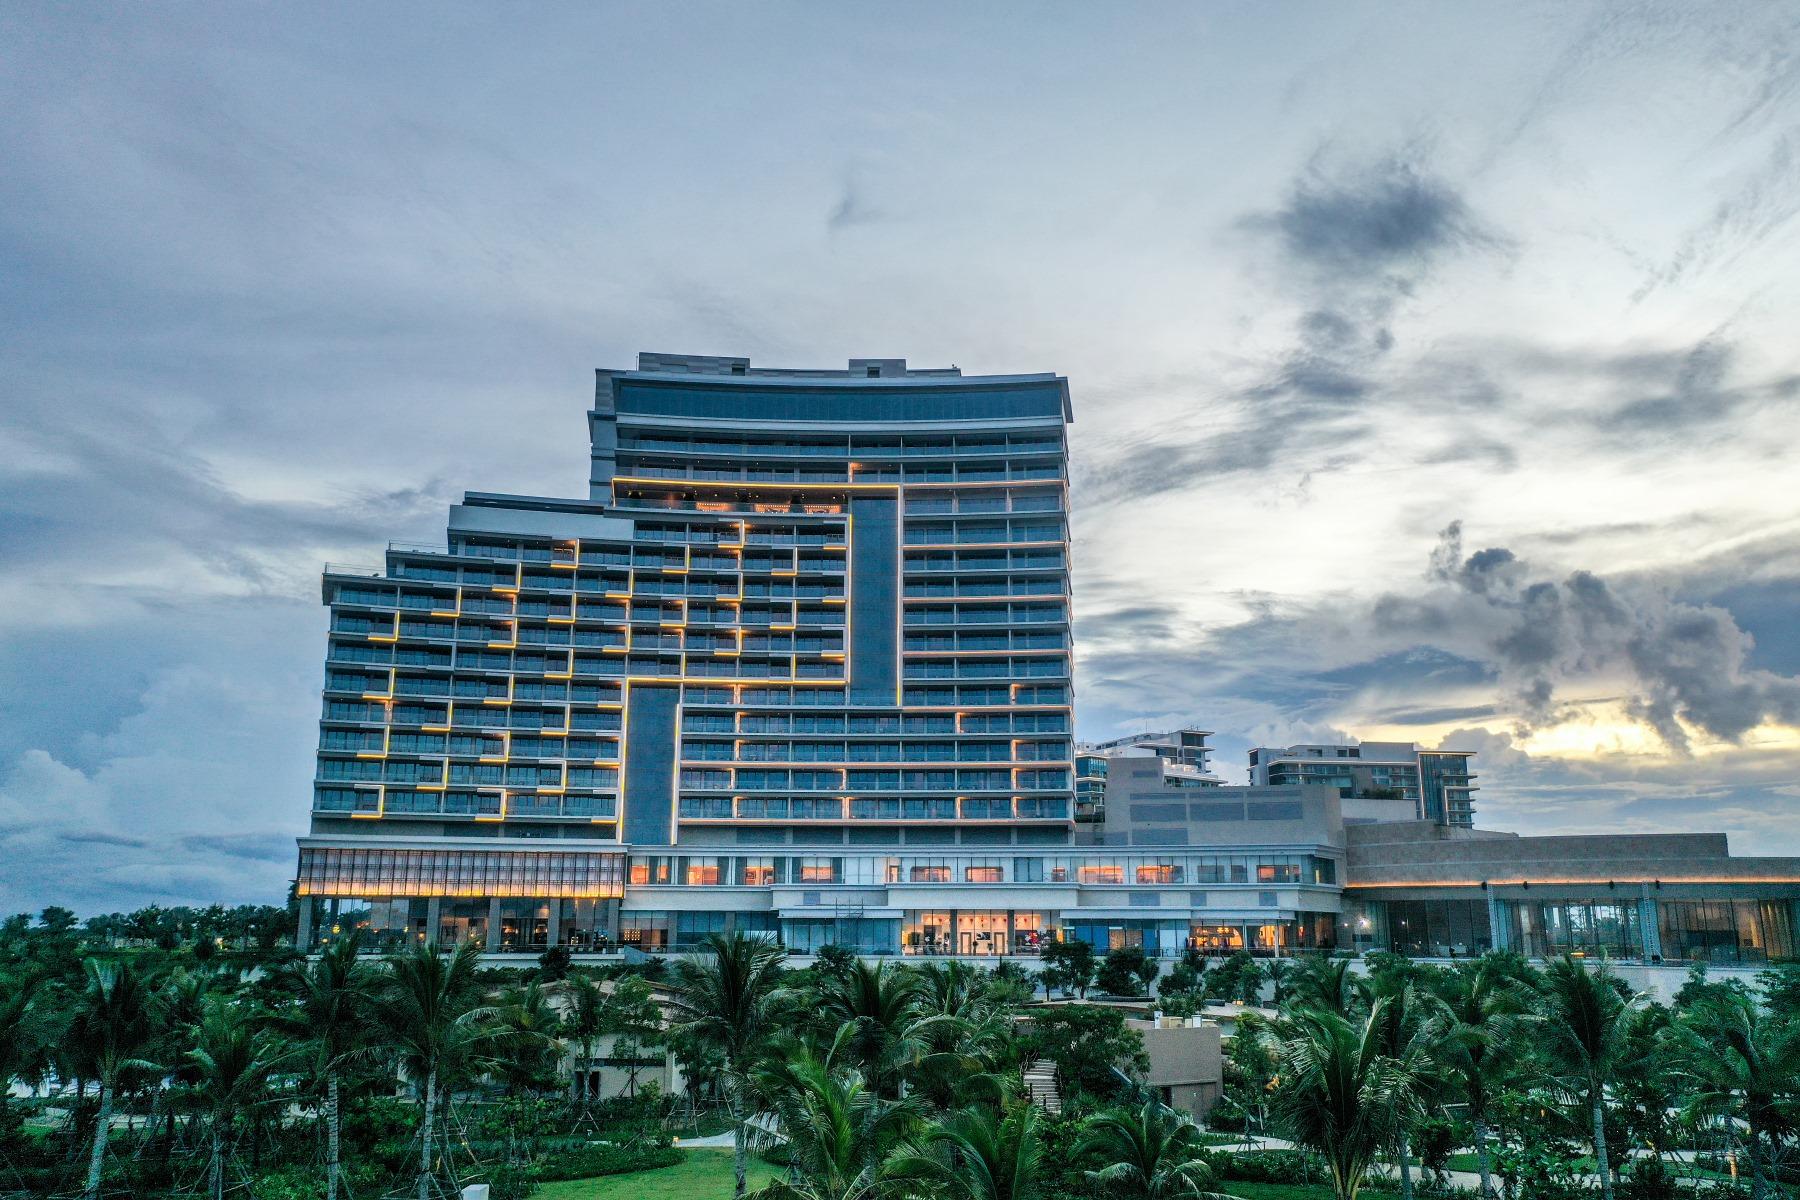 Khu nghỉ dưỡng Hoiana Hotel & Suite hiện đại, sang trọng khi nhìn từ chính diện